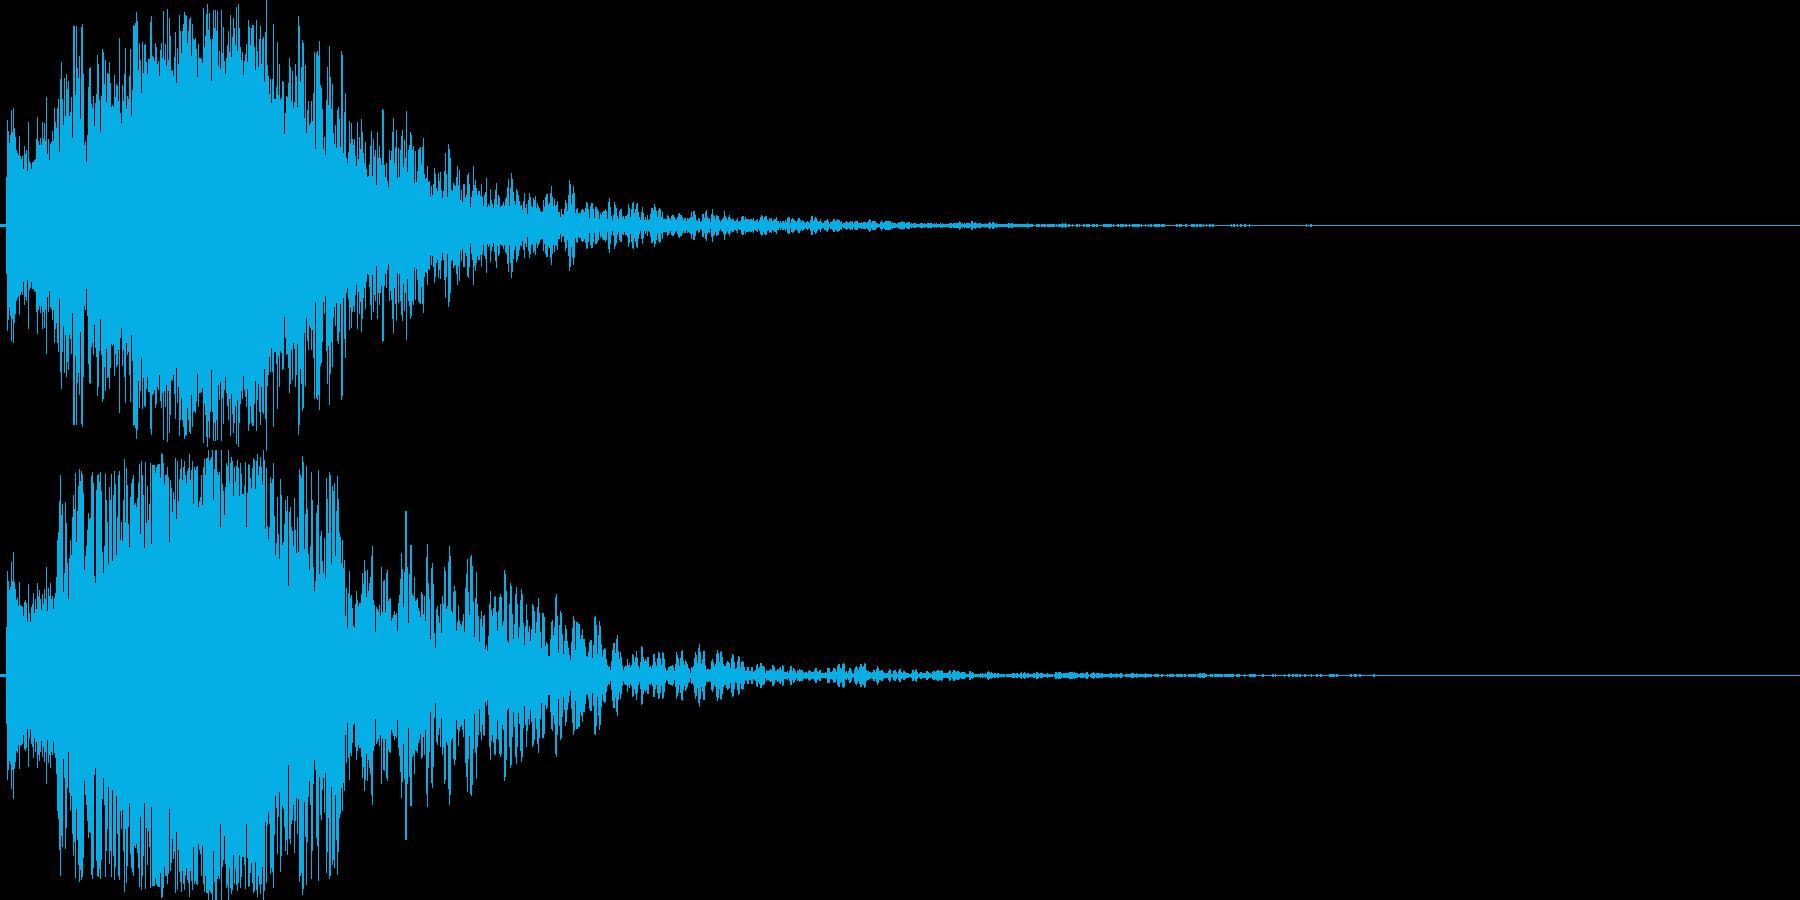 シャキーン(特大剣 ロゴ インパクト)5の再生済みの波形